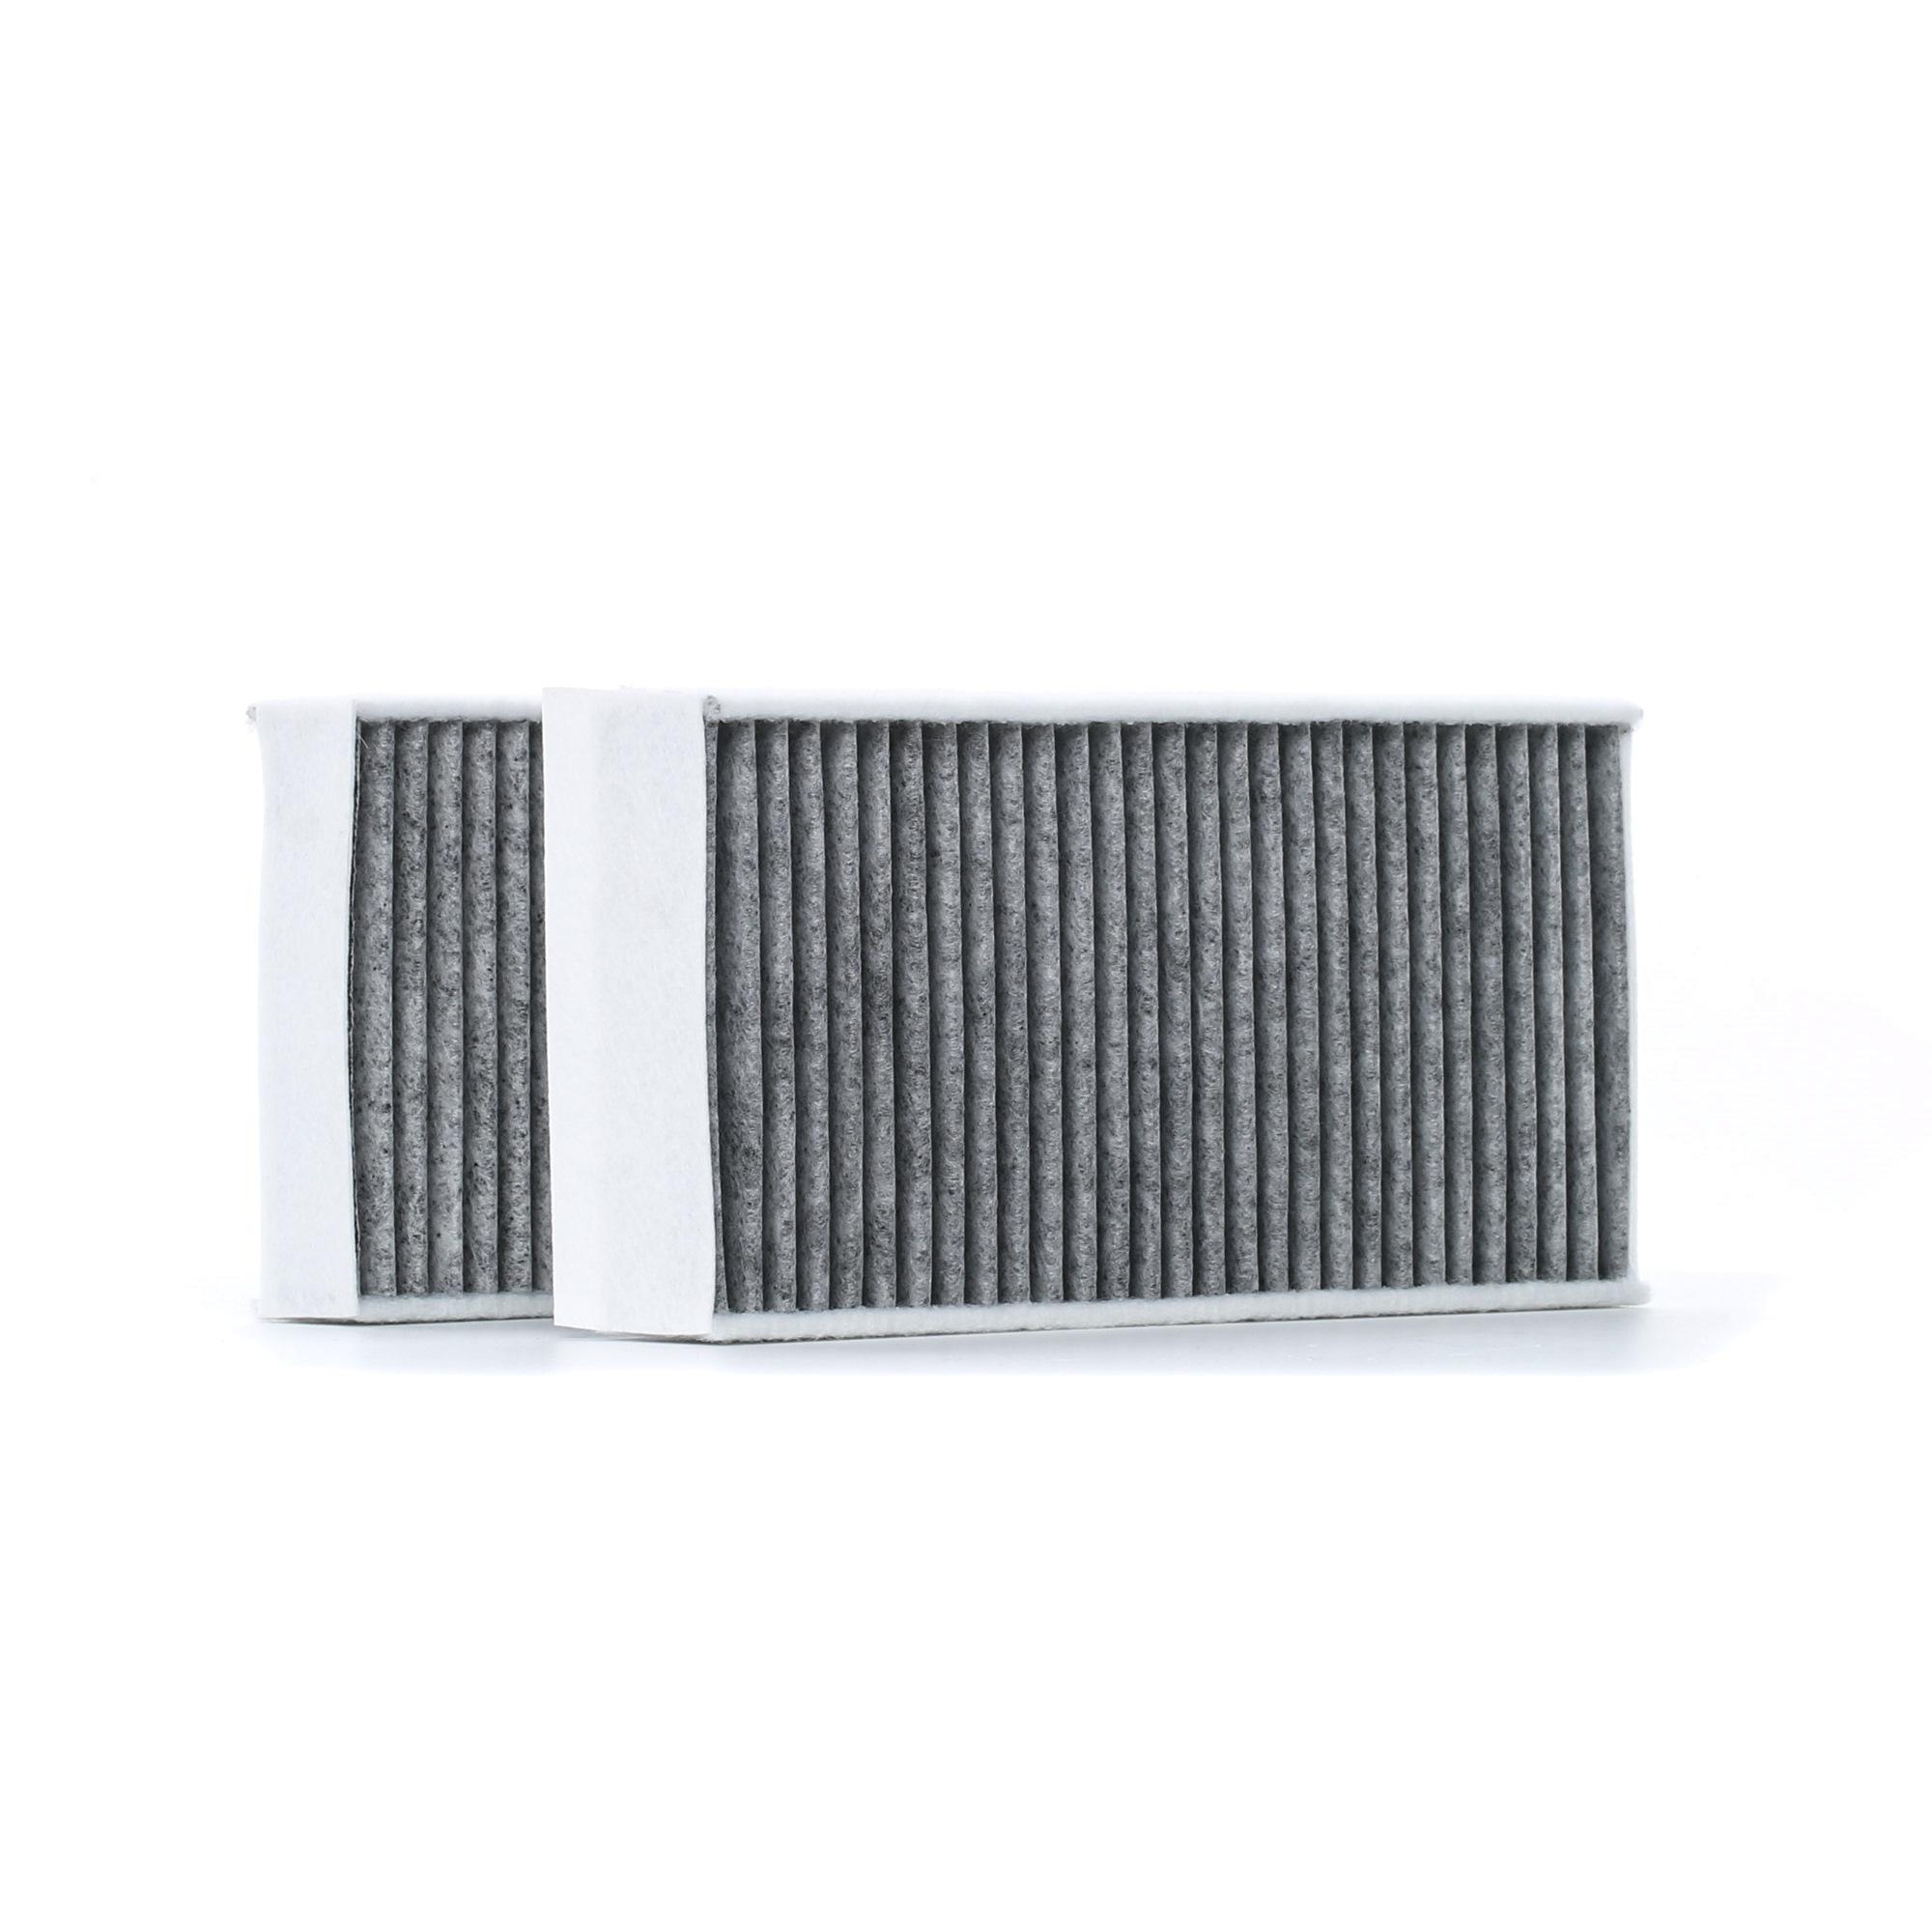 Filteranlage 312 320 0025/S unschlagbar günstig bei MEYLE Auto-doc.ch